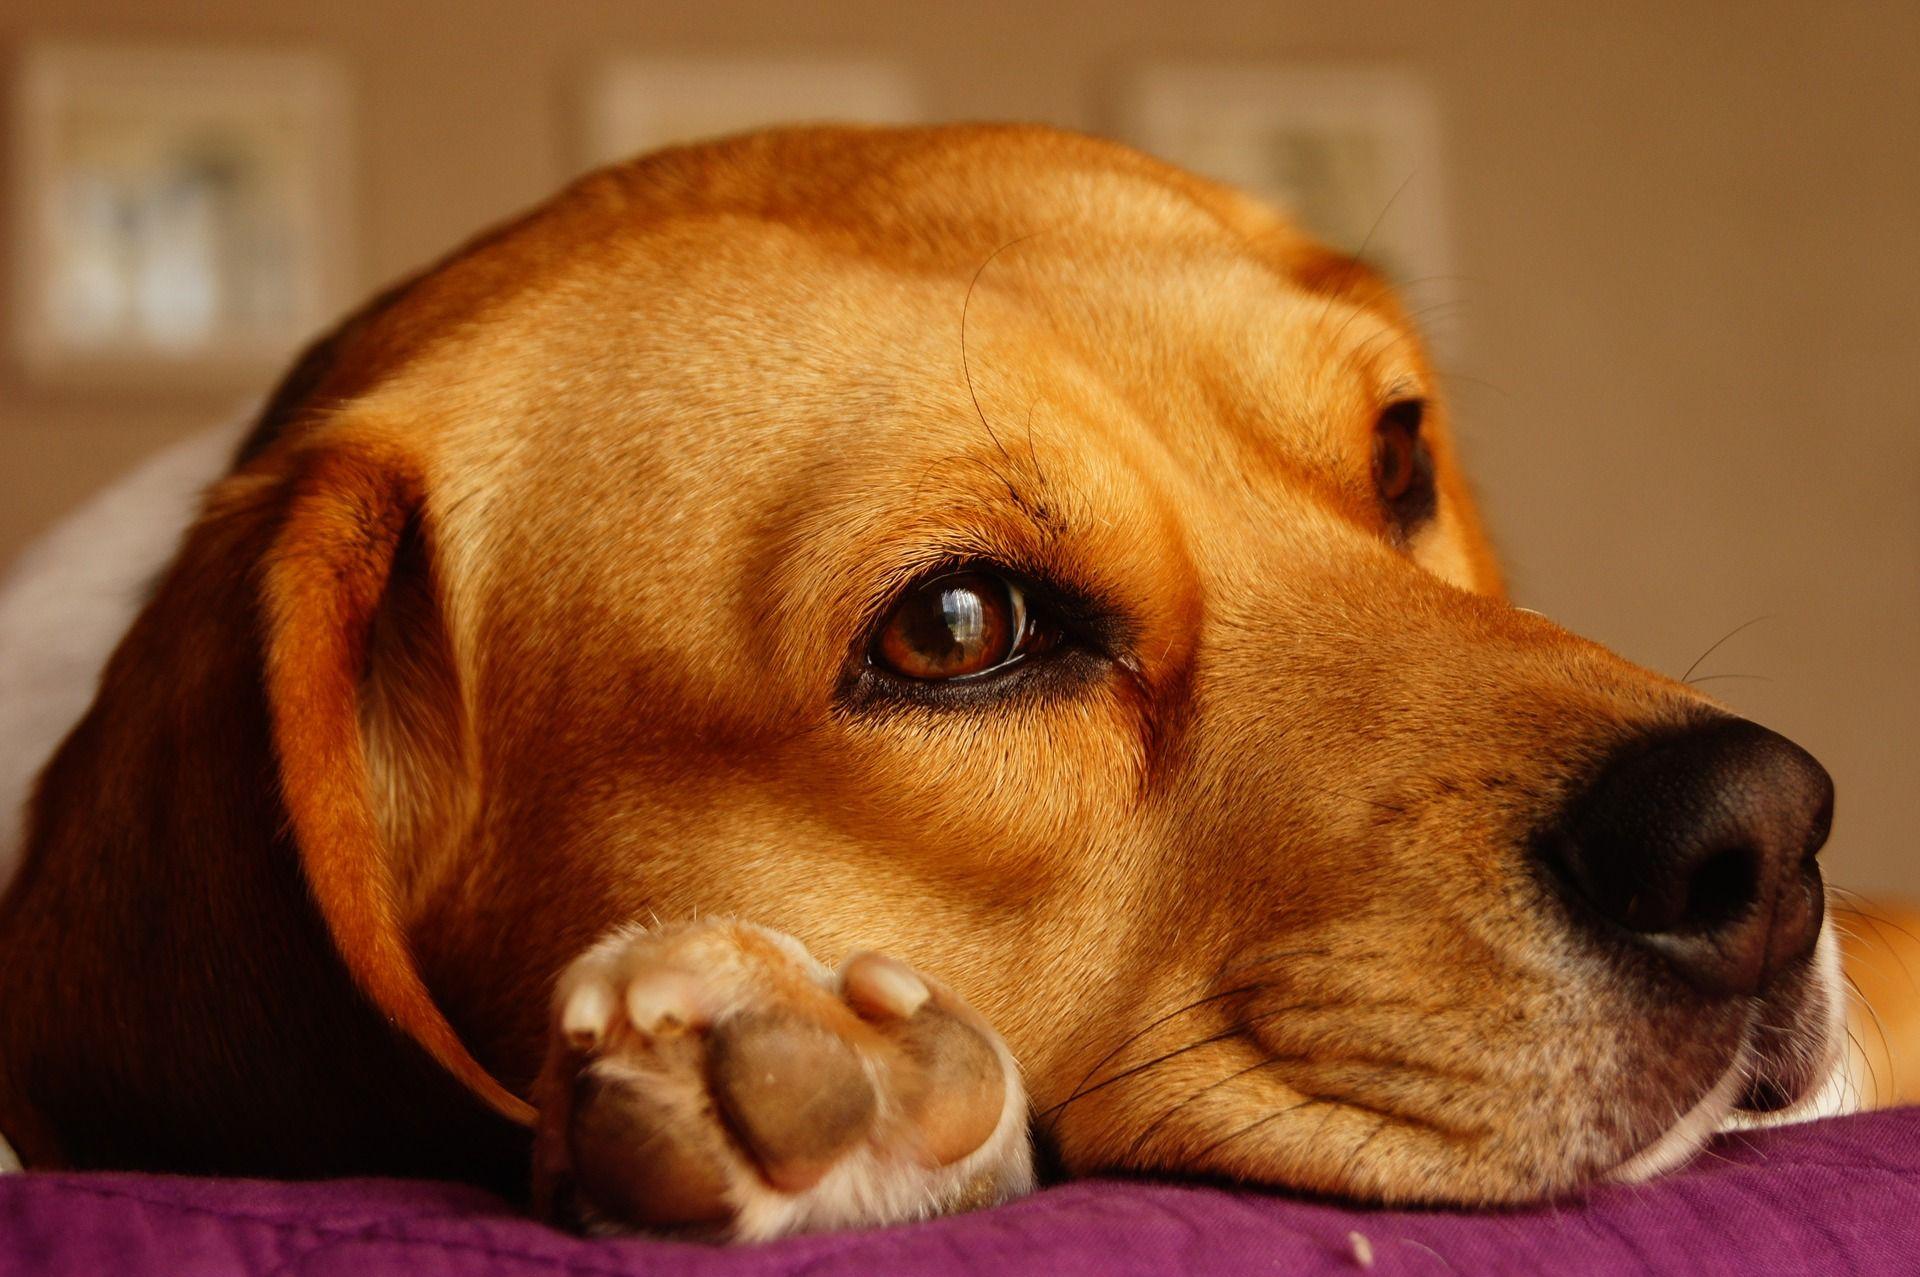 Furryfit Die Gesundheit Immer Im Blick Hunde Rassen Hunderassen Hunde